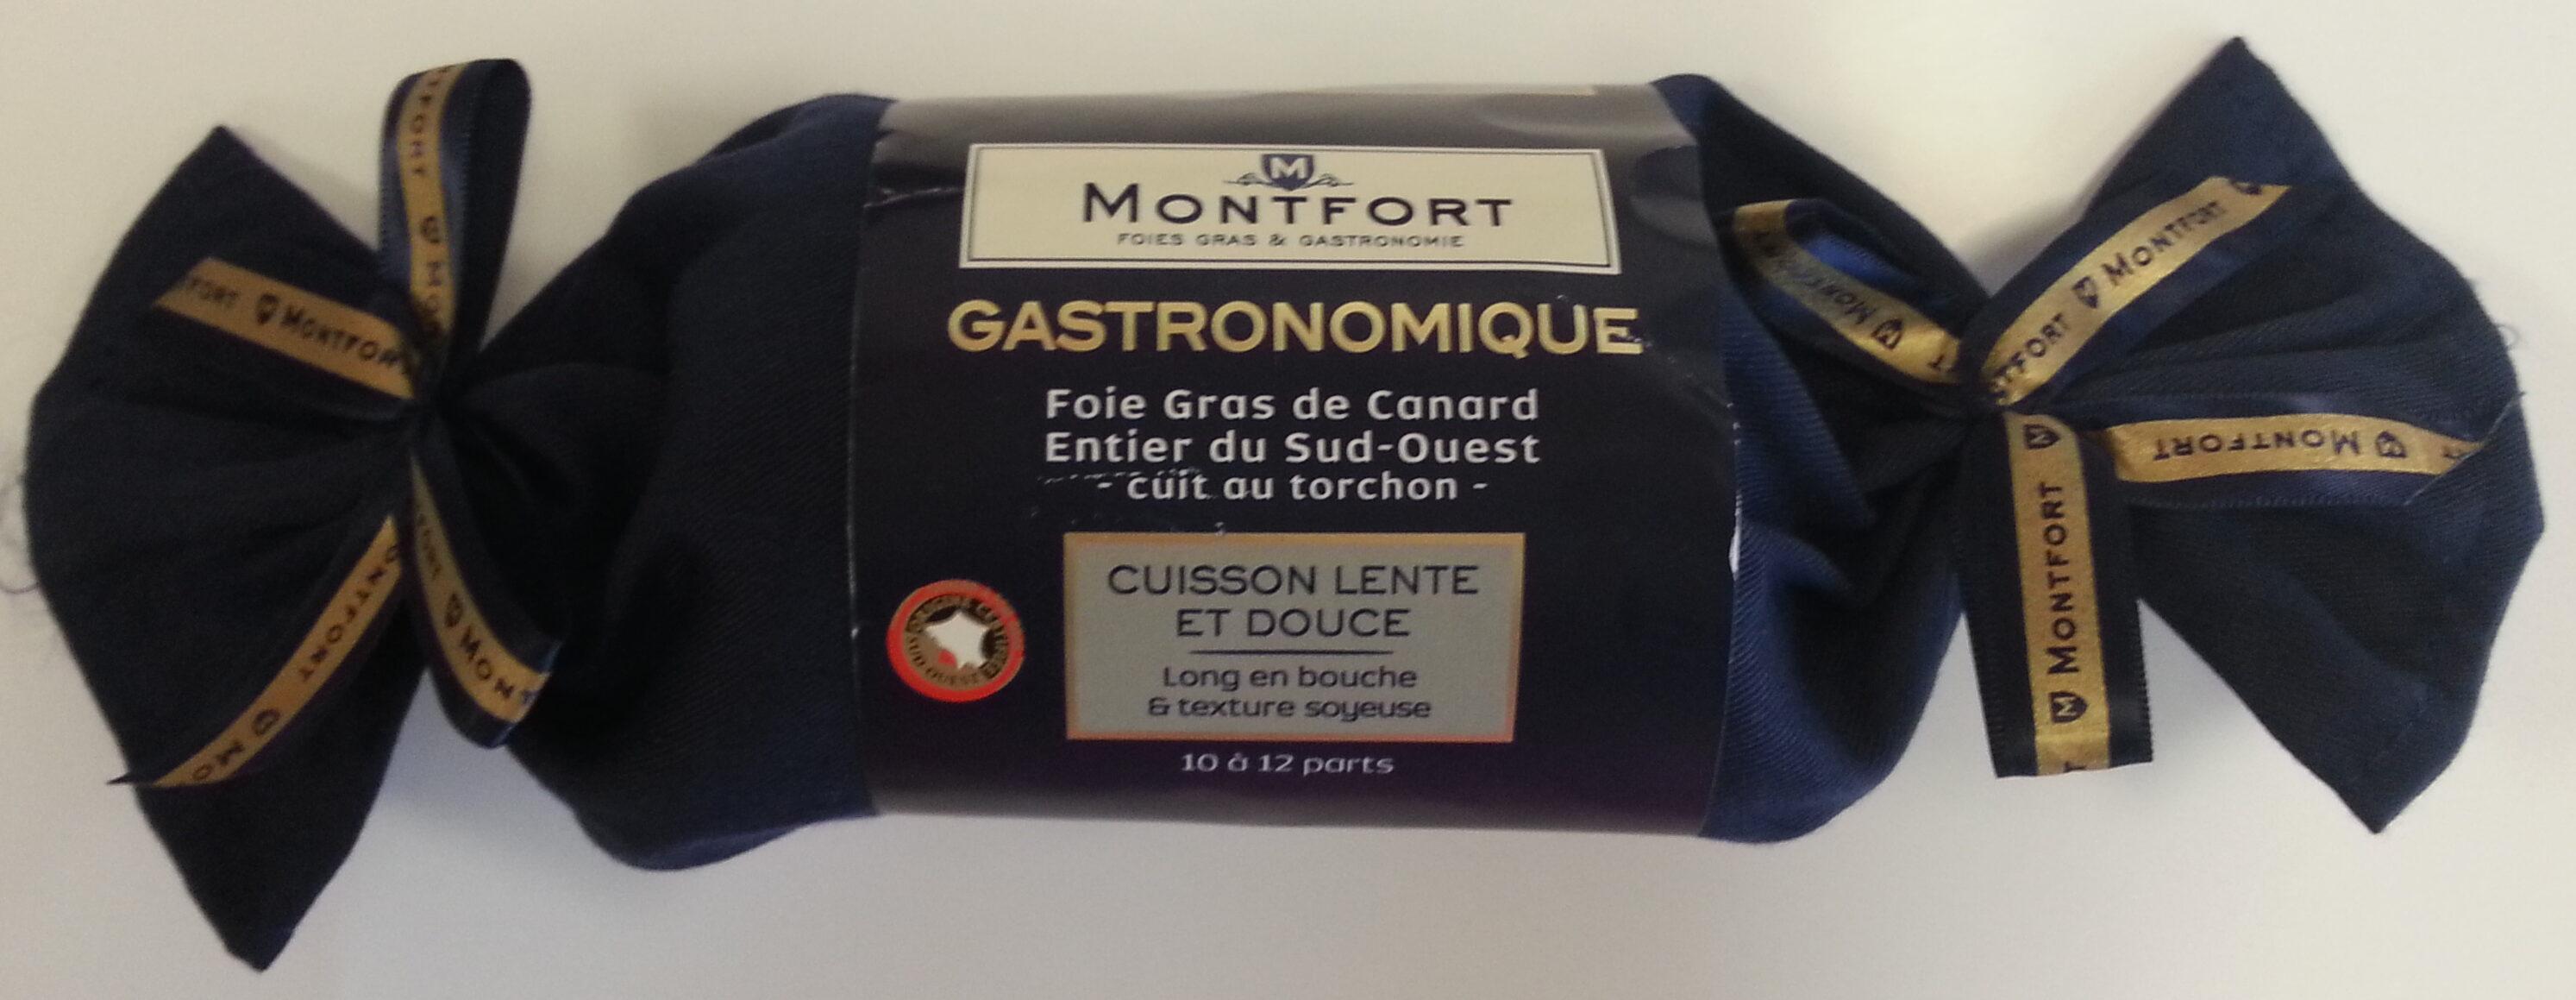 Foie gras de canard entier du Sud-Ouest cuit au torchon - Product - fr